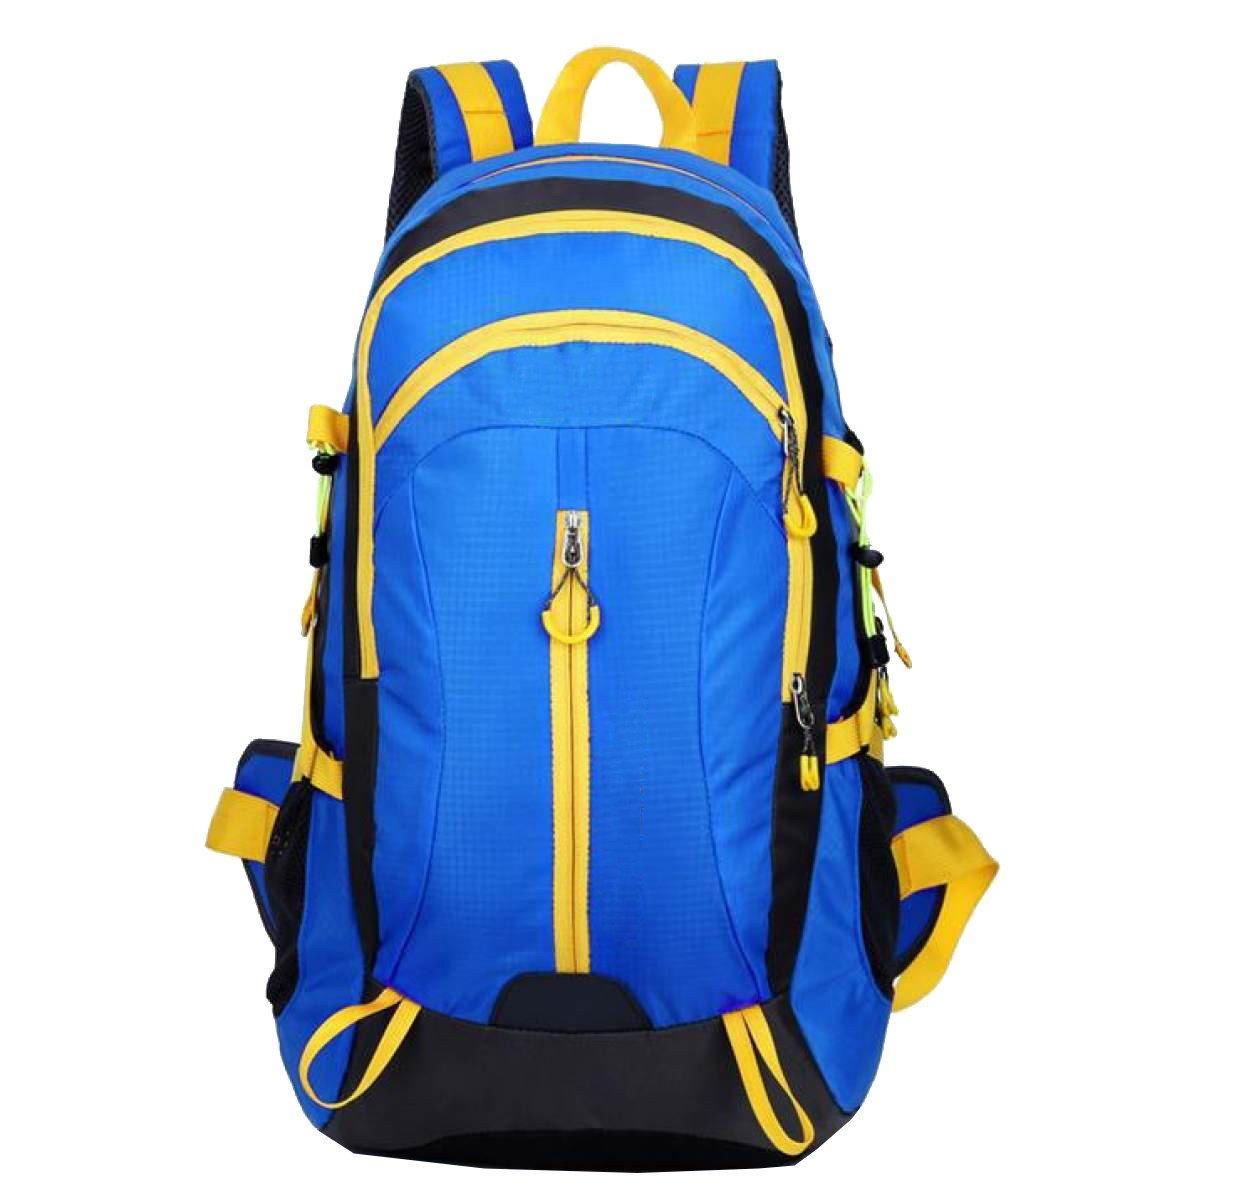 Leichte Bergrucksack Wandern Reisen Camping Strände Sport. Genießen Sie Ihre Qualität Von Outdoor-Spaß Und Einfach,Green-33*20*55cm Yy.f handbags